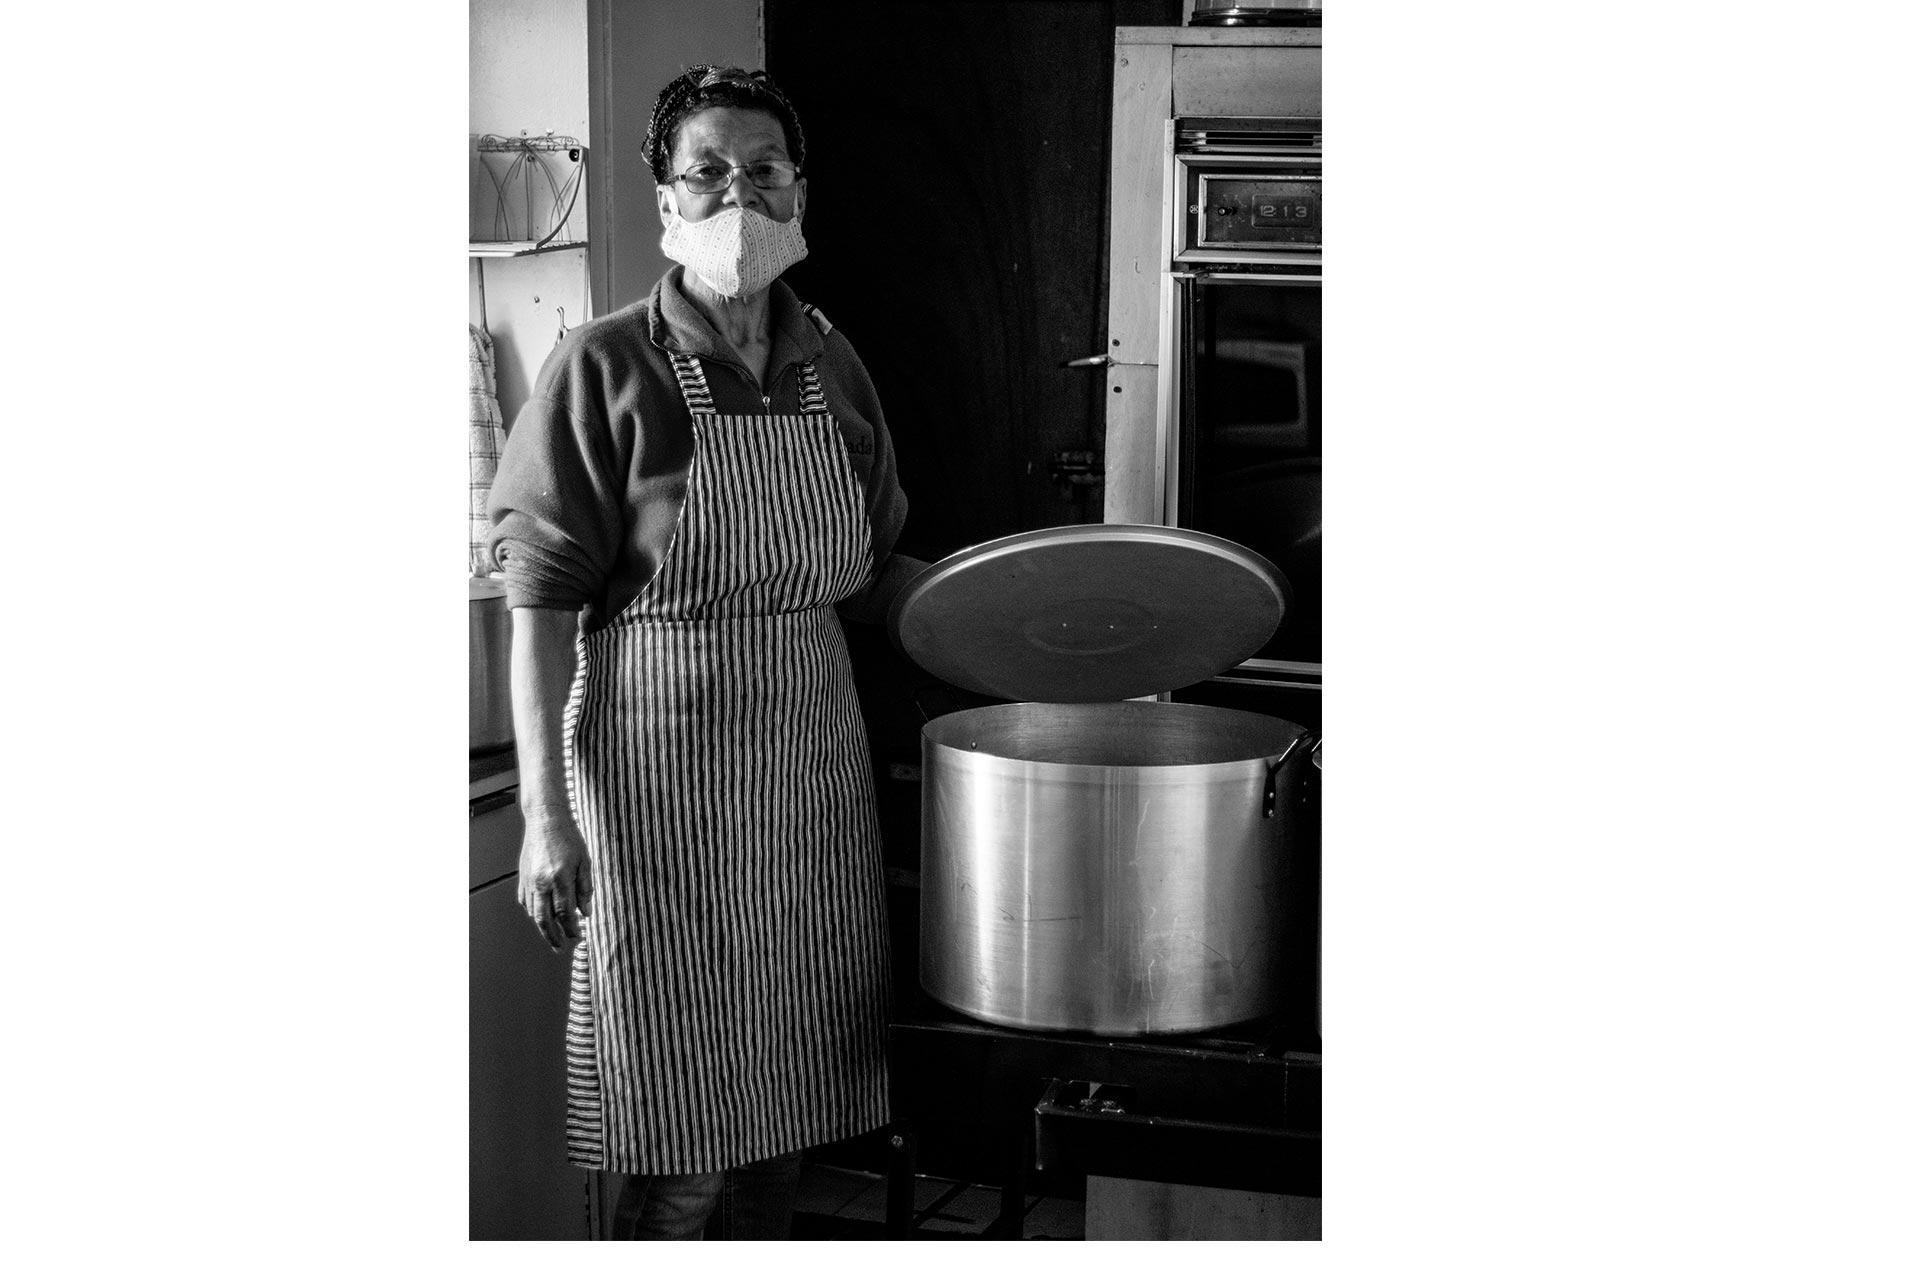 Old lady preparing food